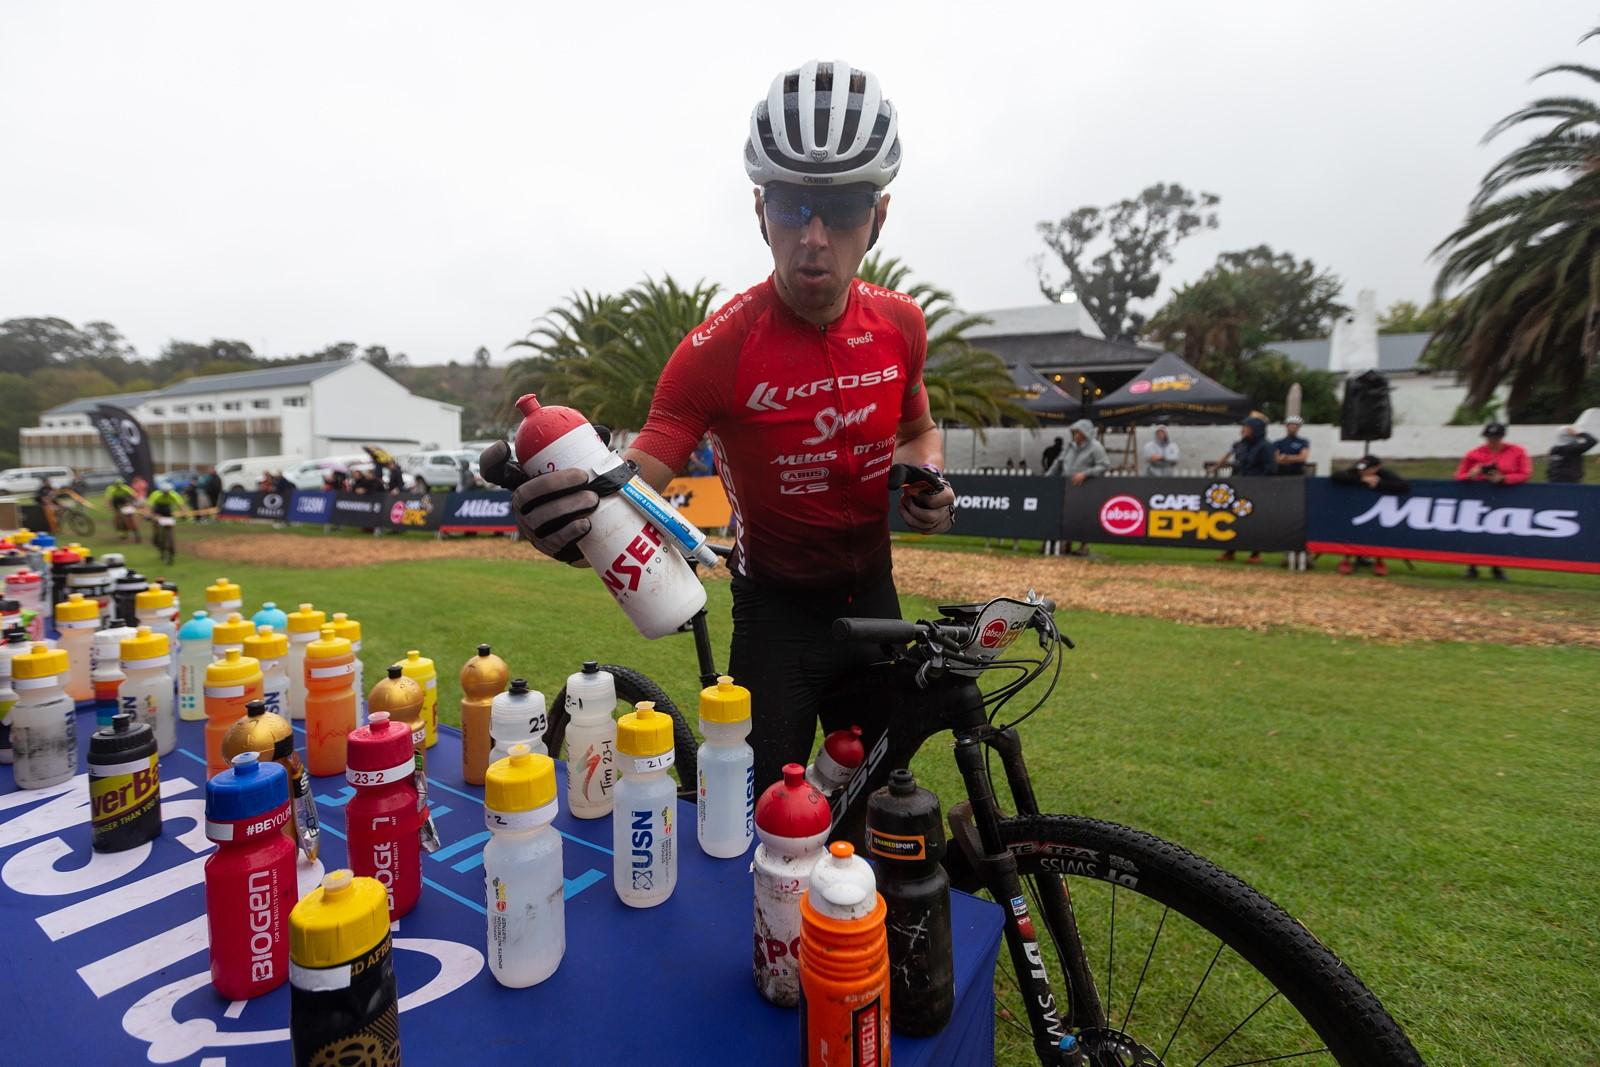 Bidon je nedílnou součástí výbavy každého cyklisty. Ondřej Cink vybírá láhev před etapou na Cape Epic. Foto Michal Červený